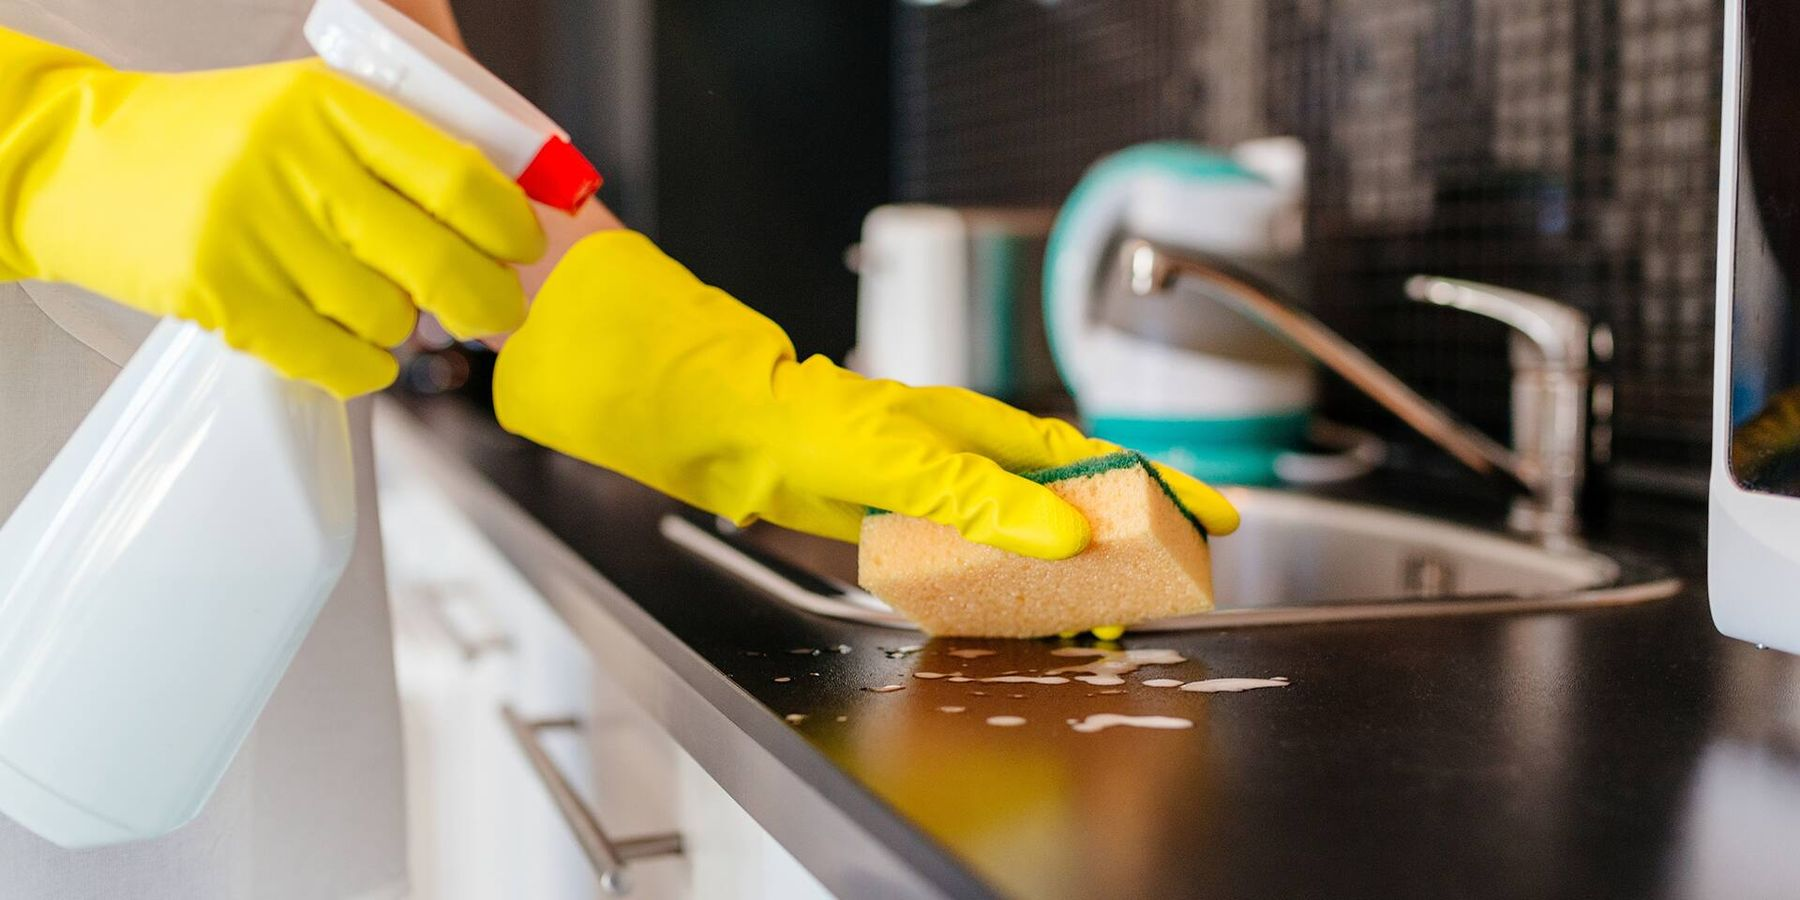 vệ sinh bồn rửa để ngăn ngừa nước cứng